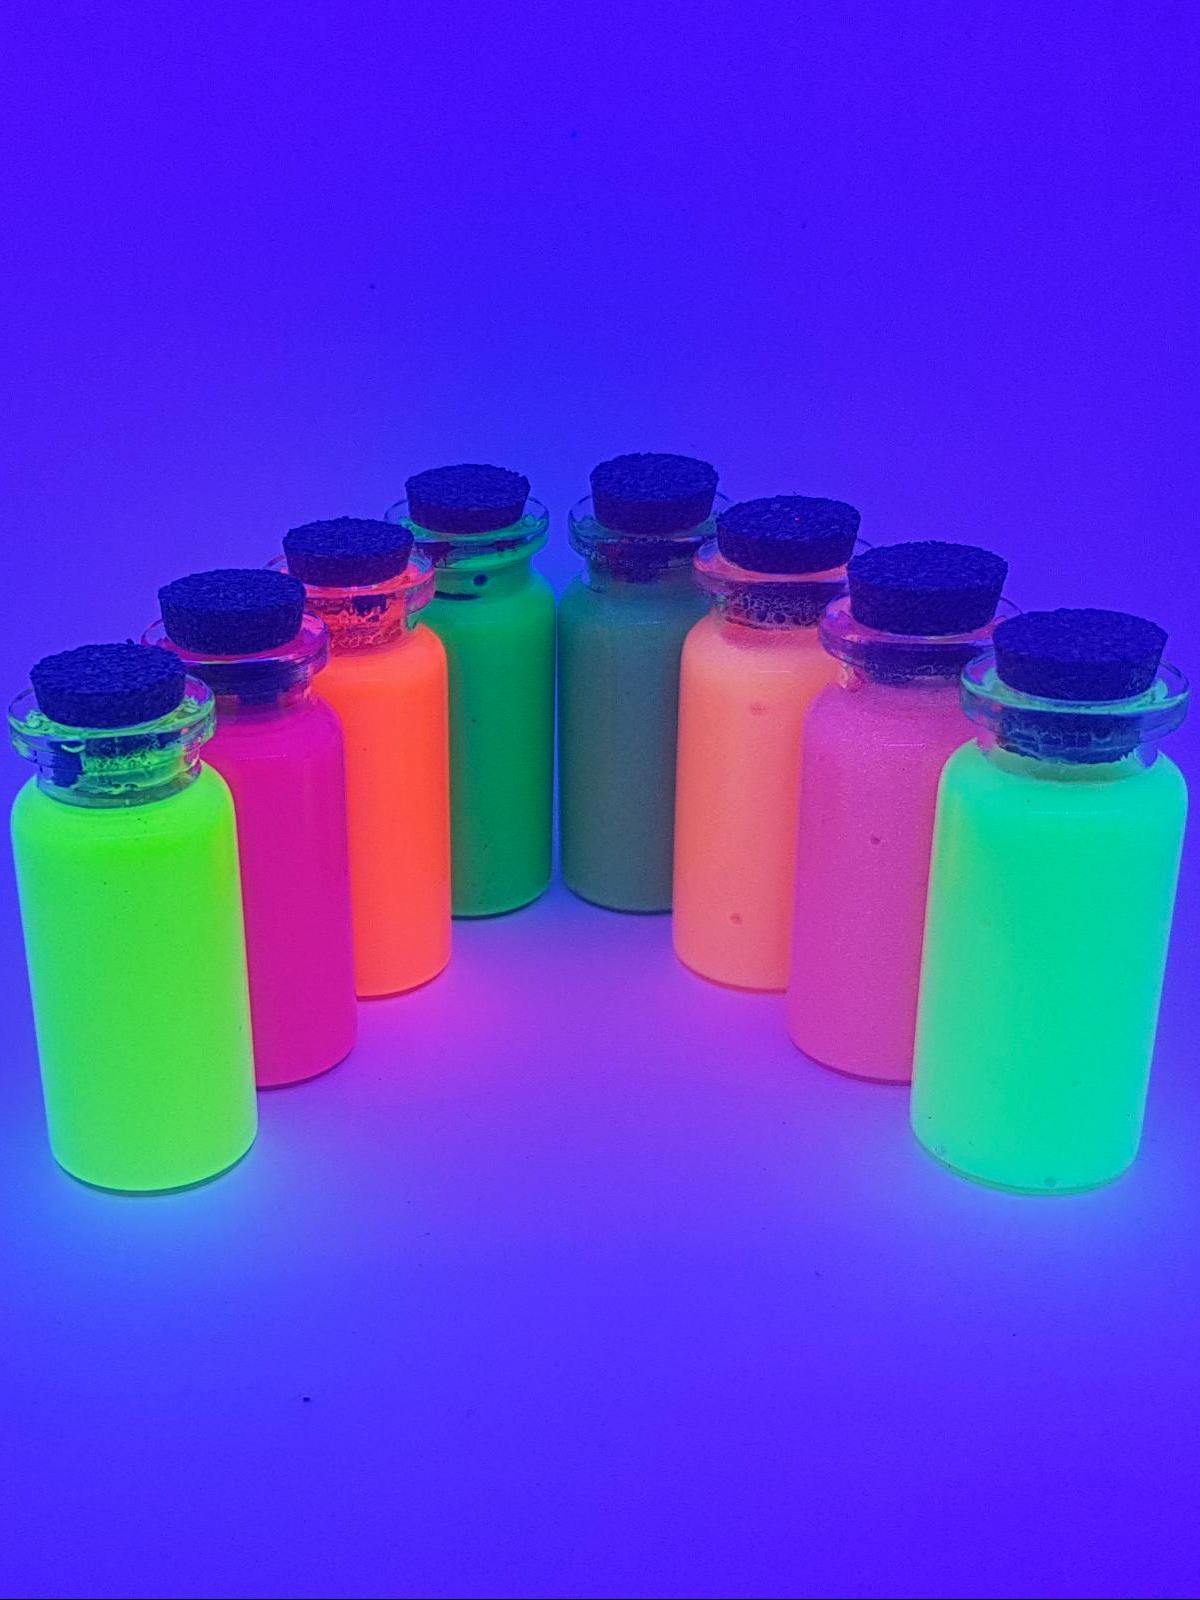 Pinturas base agua fluorescentes y fosforescentes